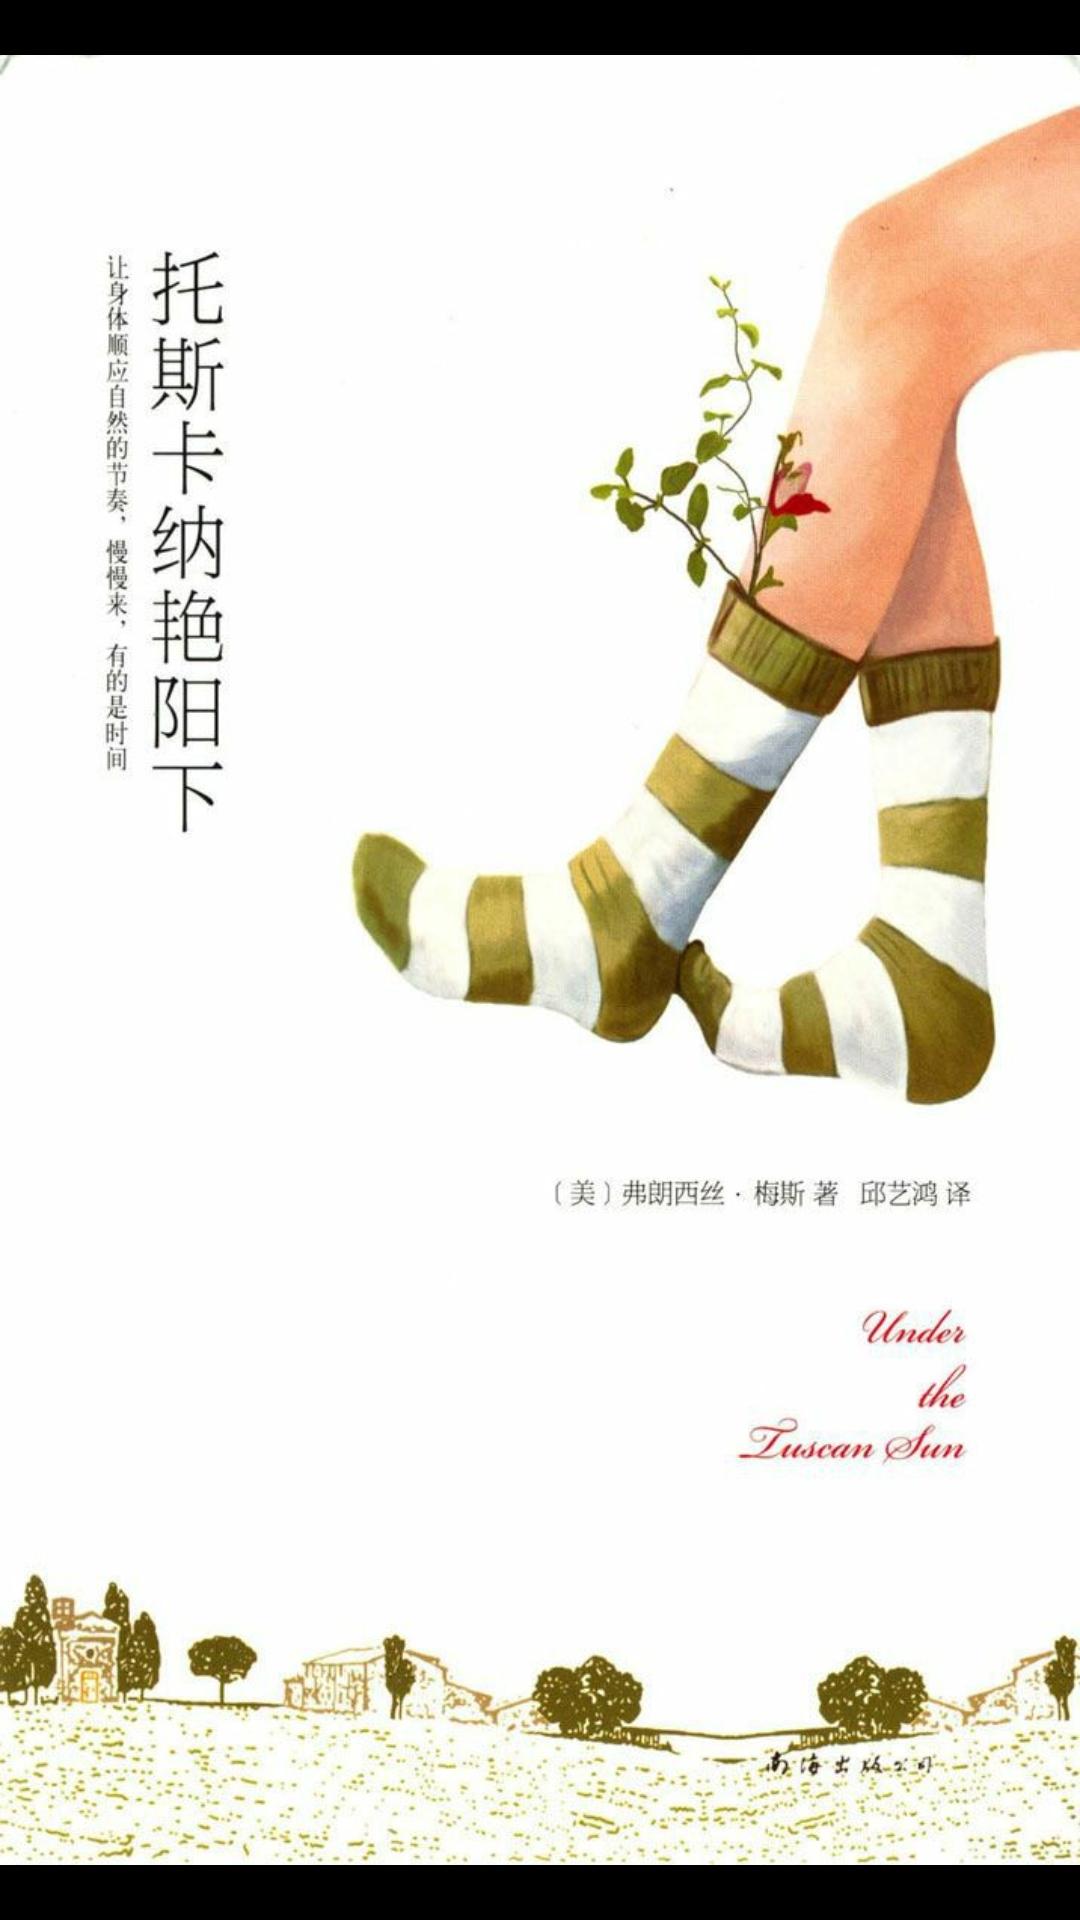 花猫读书会《托斯卡纳艳阳下》